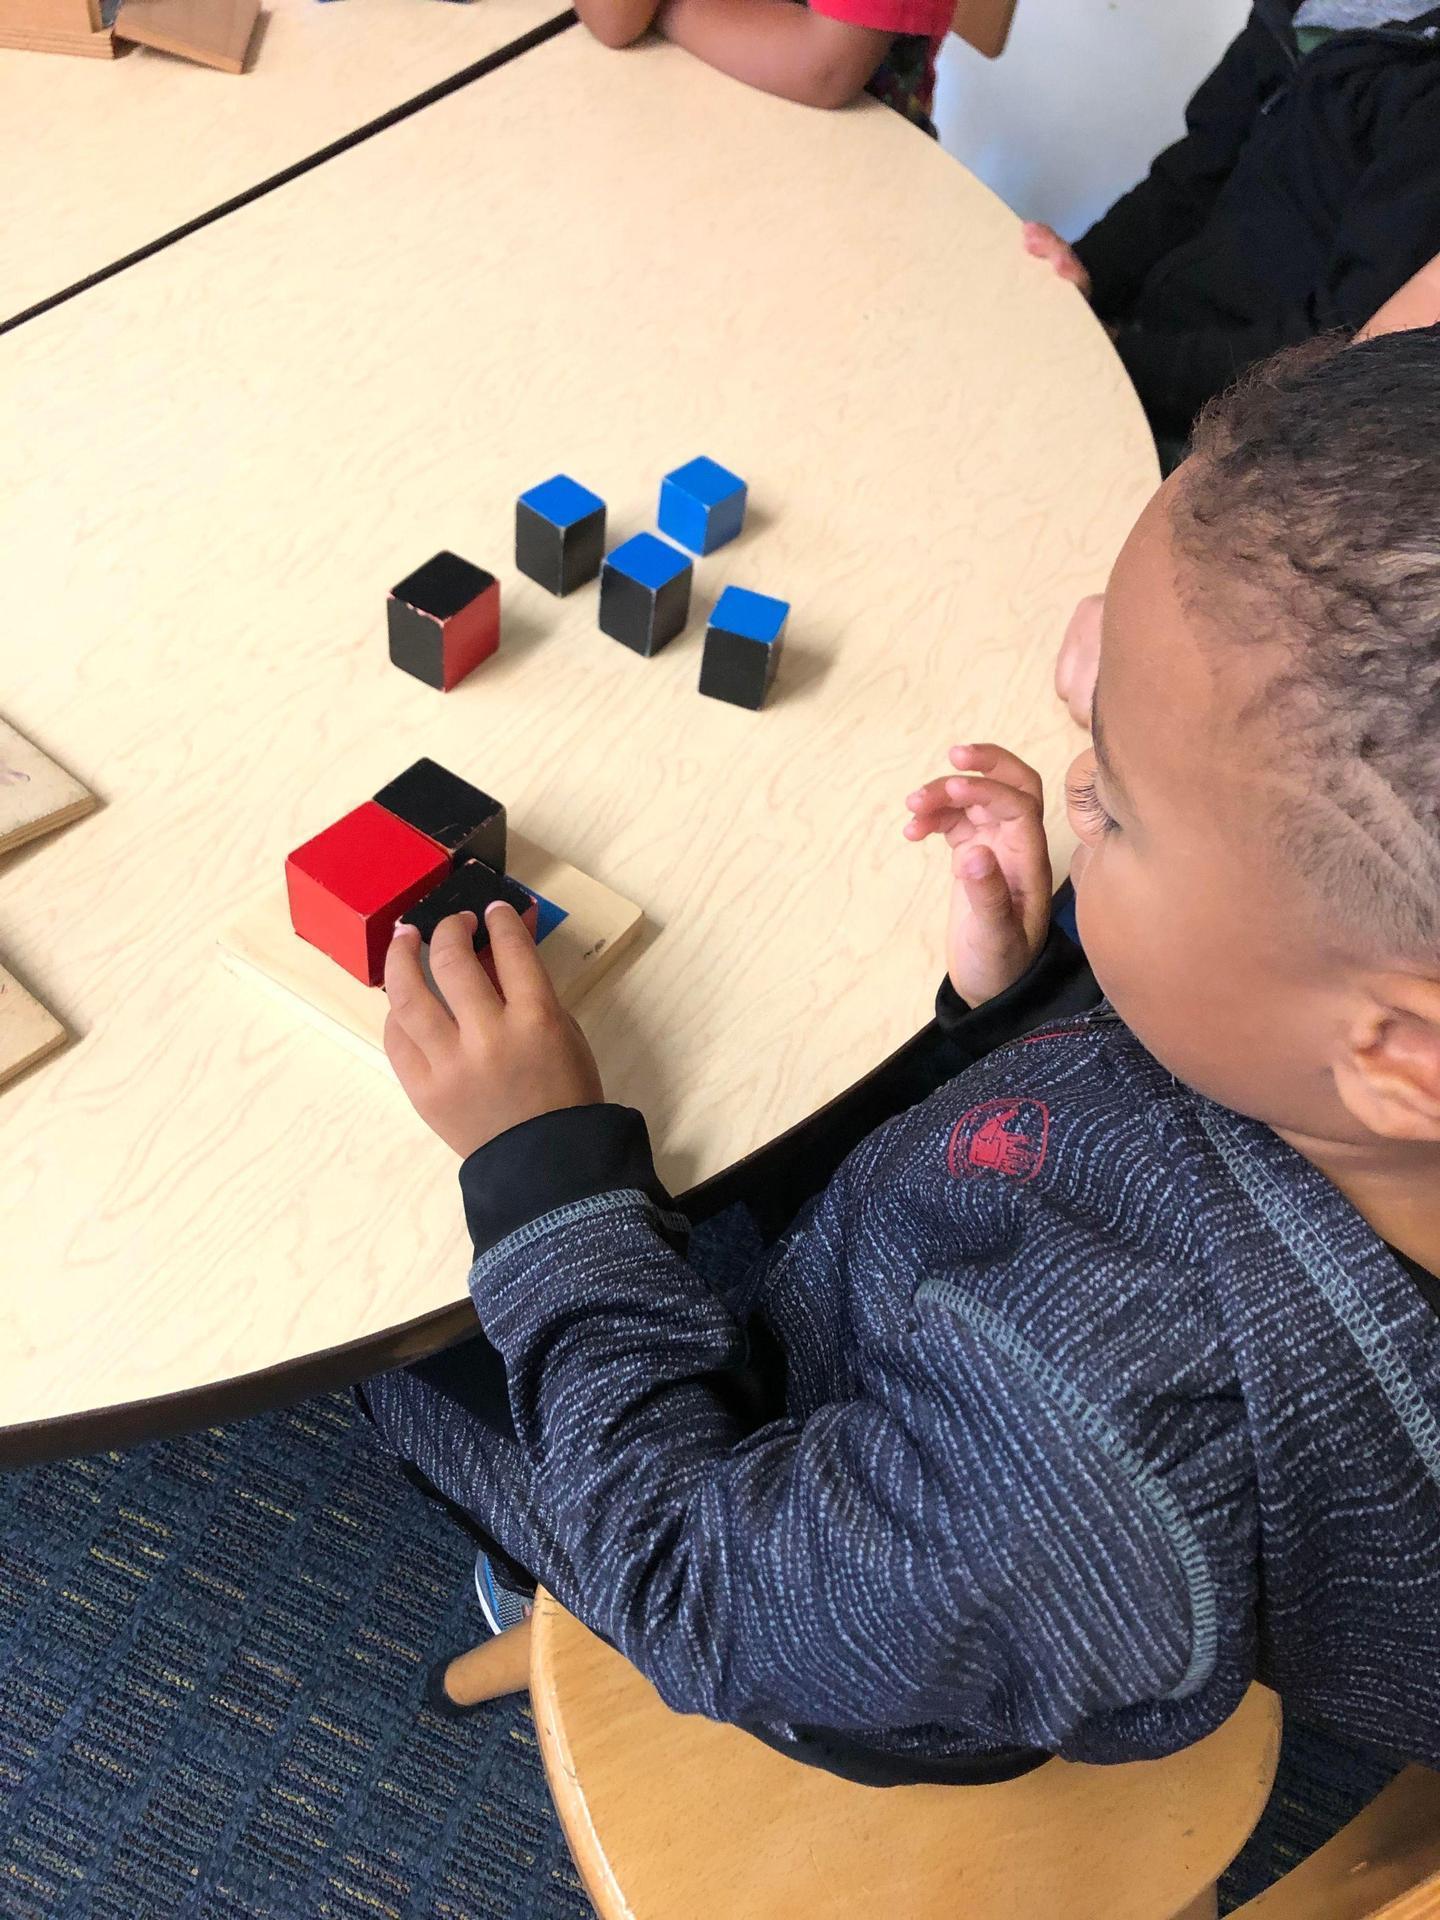 Morgan blocks